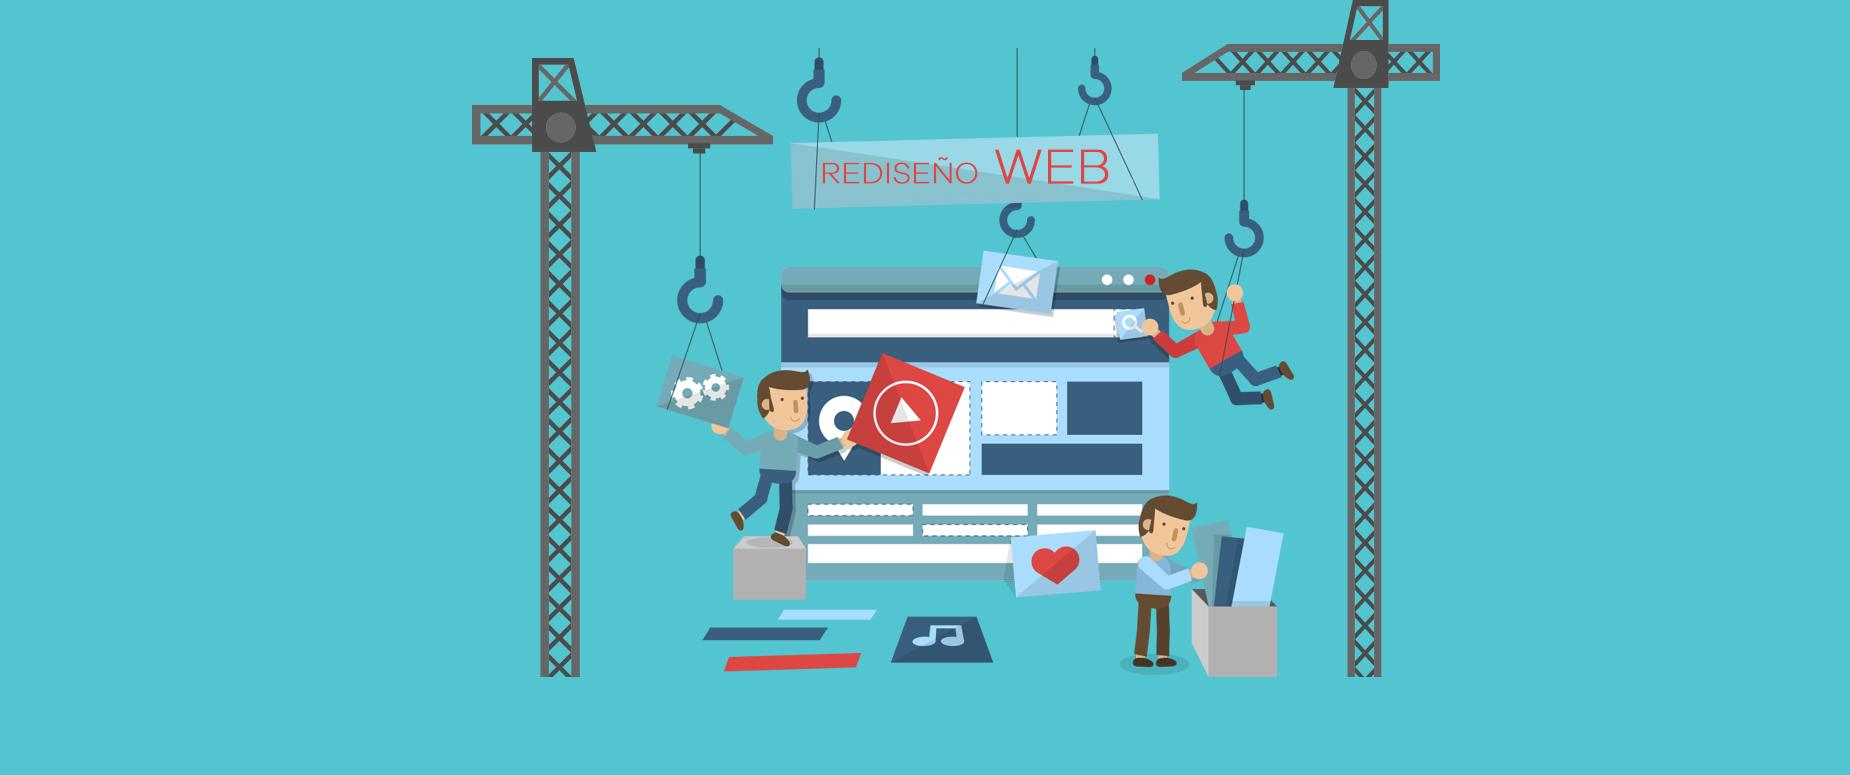 ¿Por qué necesitas rediseñar o actualizar tu página web?